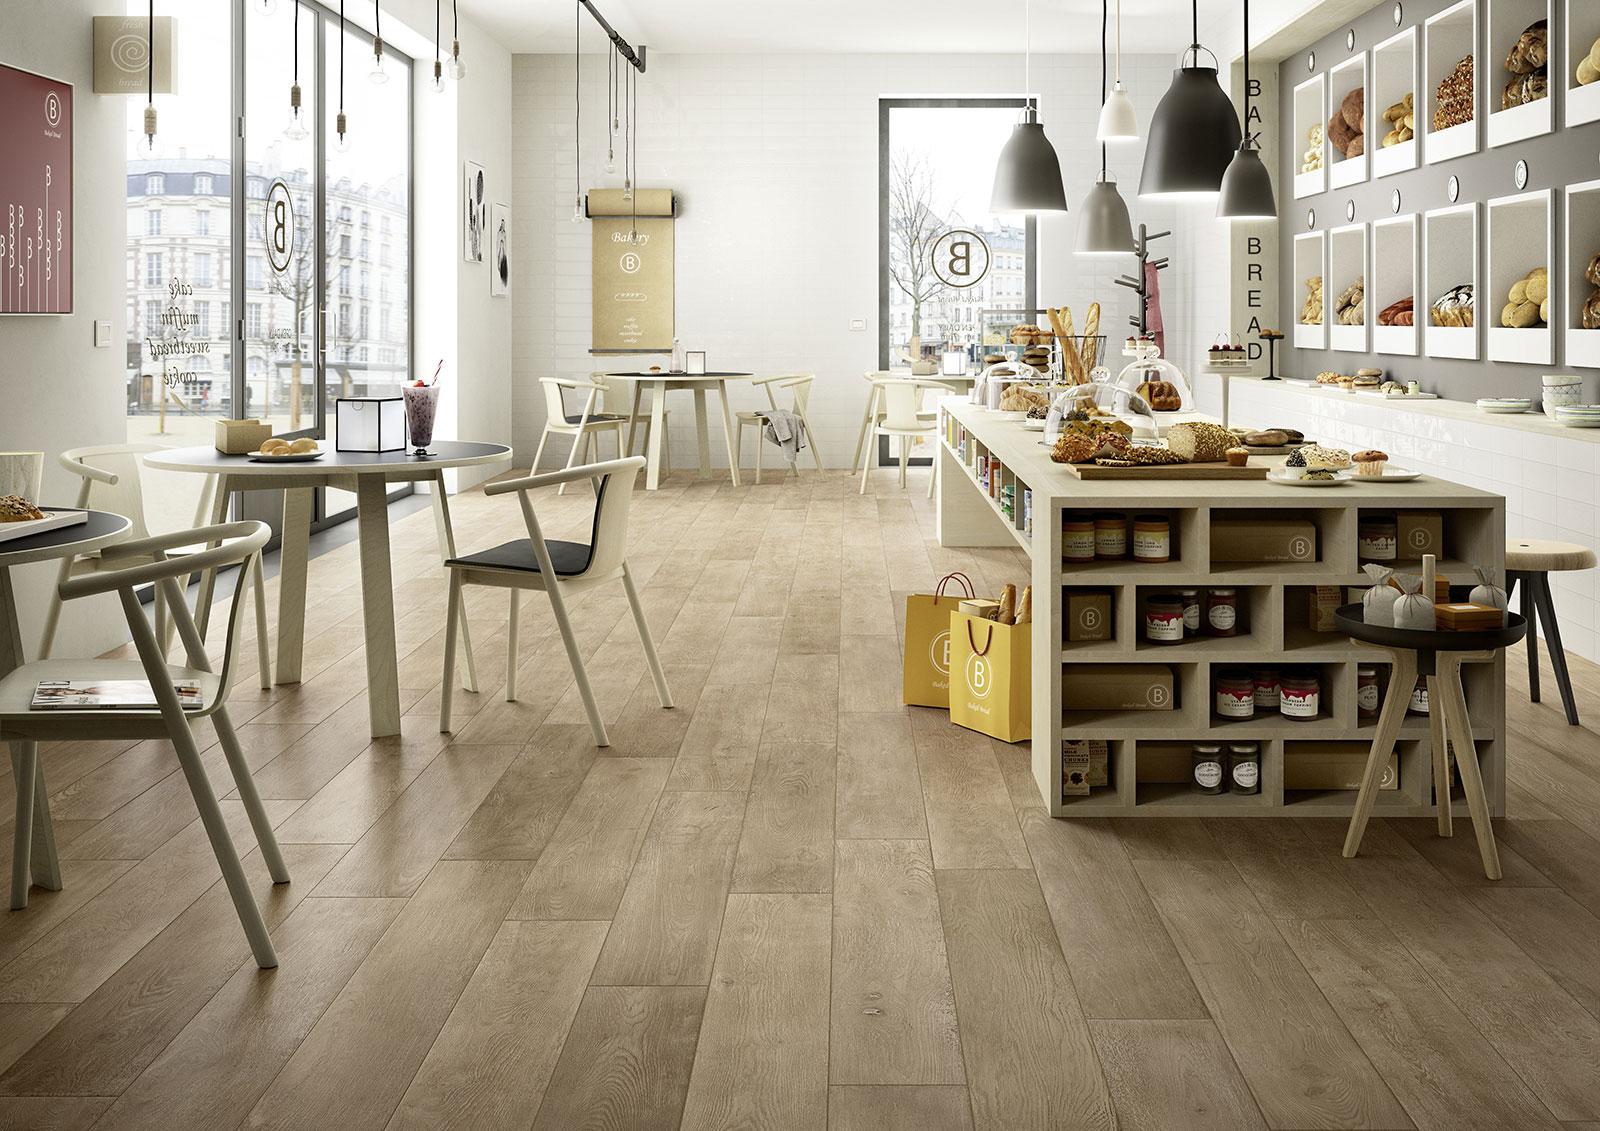 Gres porcellanato effetto legno e parquet marazzi - Alternativa piastrelle cucina ...